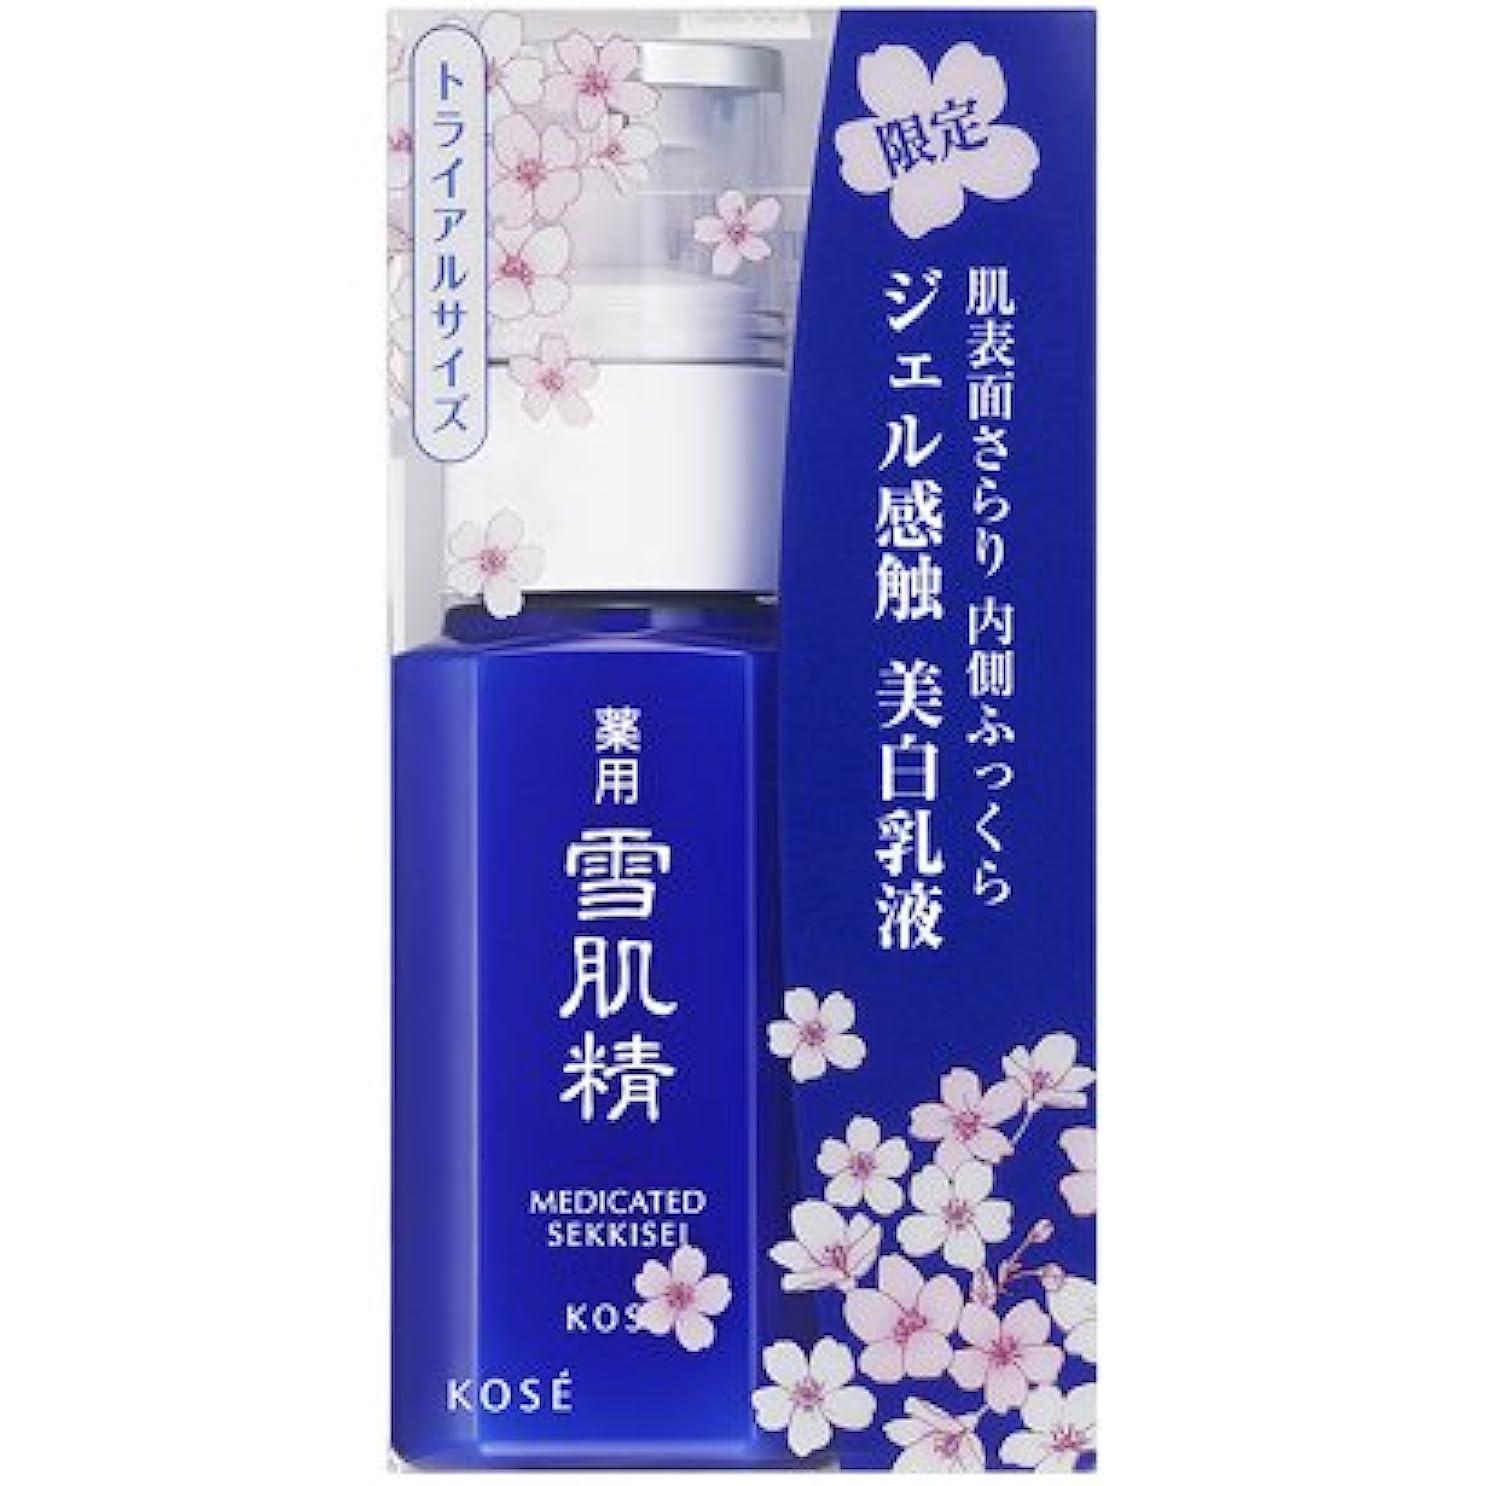 へこみ会計士トロピカルコーセー 薬用 雪肌精 乳液(ハーフサイズ) 【桜】 70mL